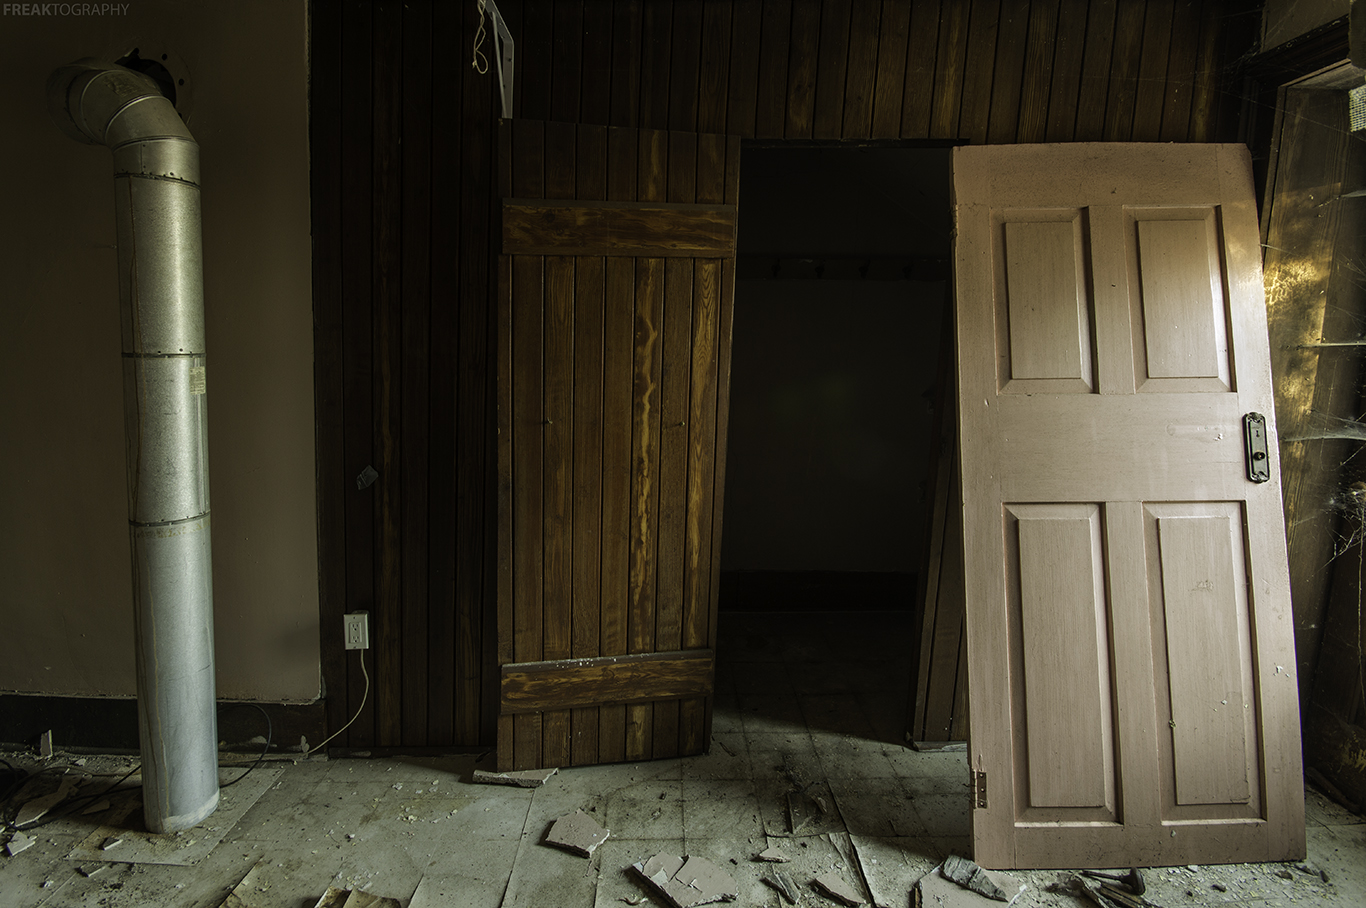 Abandoned house essay